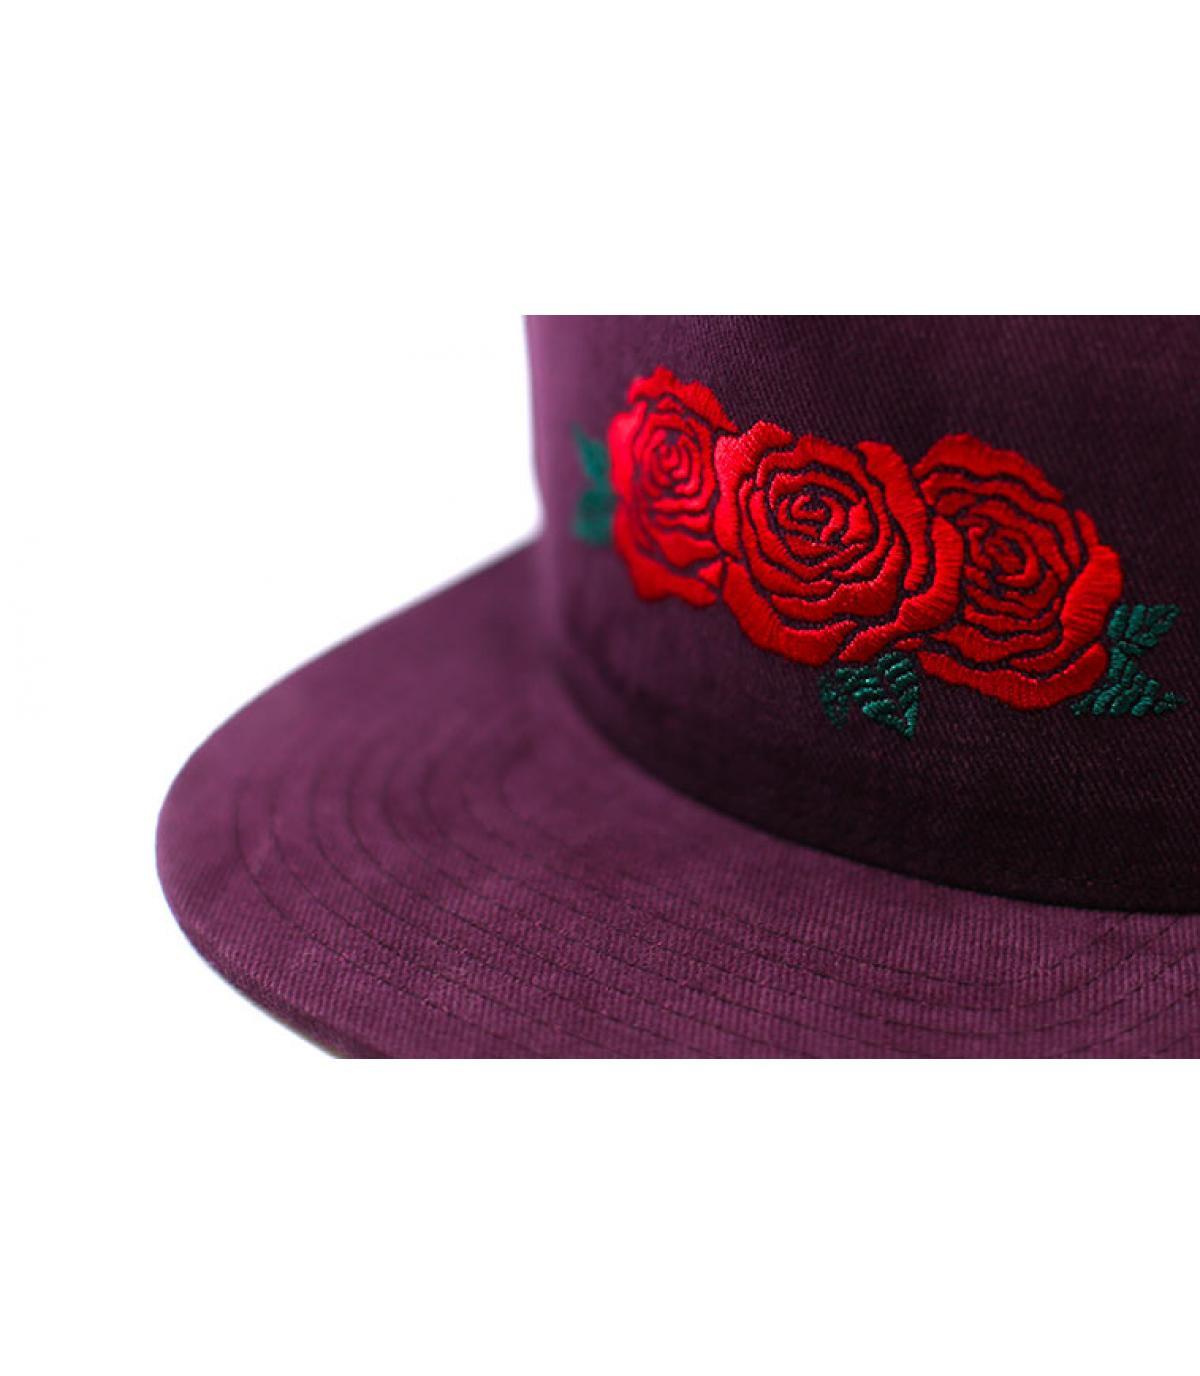 Détails Triple Rose Snapback porro - image 3